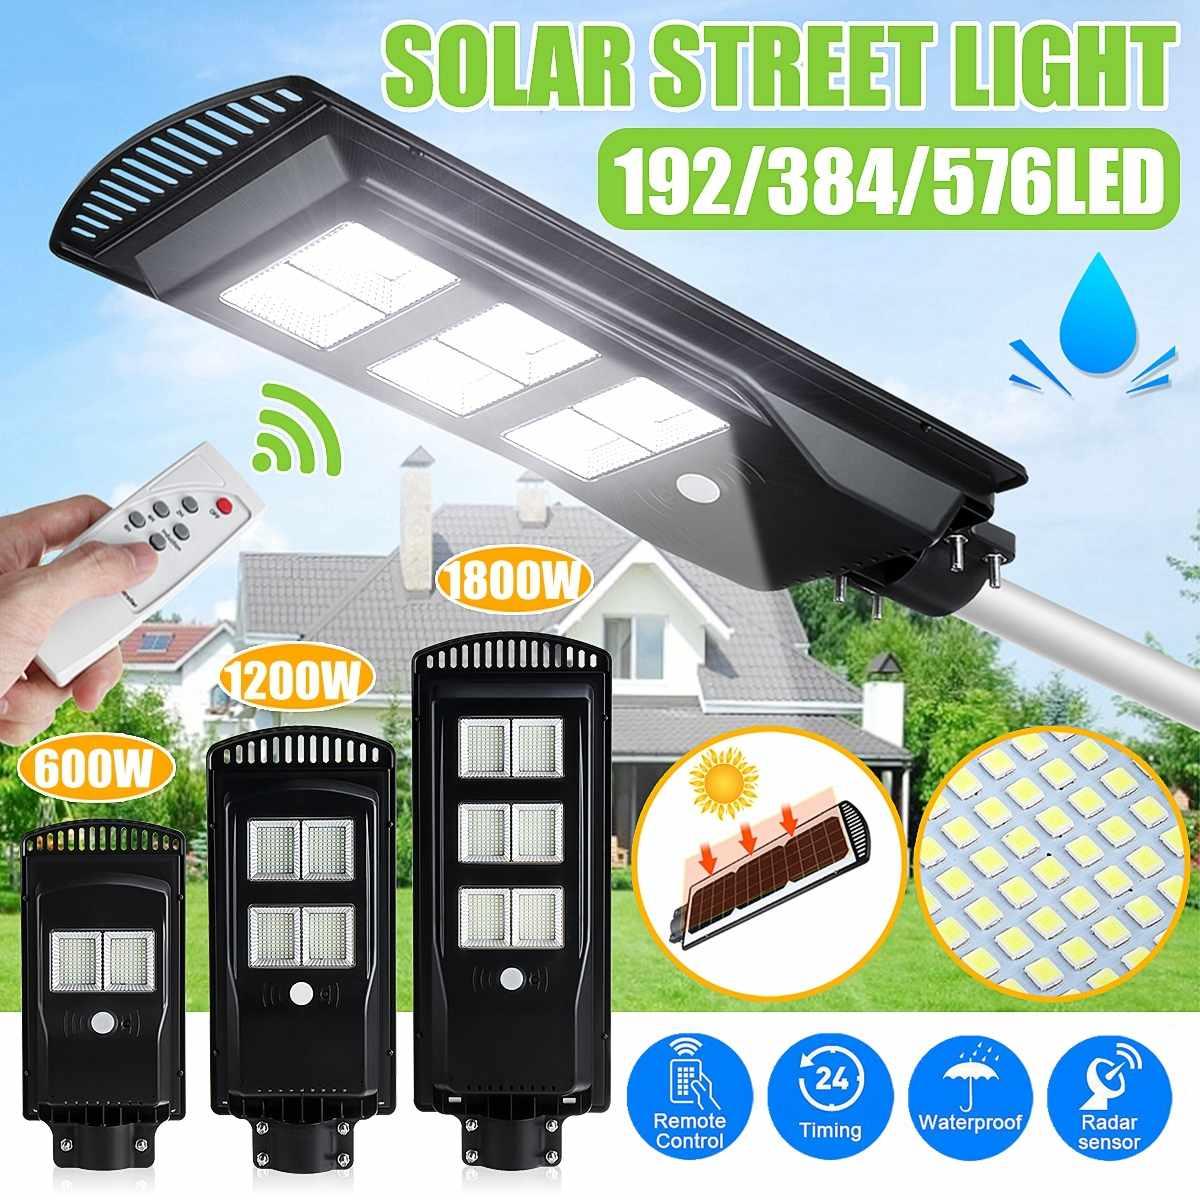 Поликристаллическая солнечная панель, лампа 1800 Вт, светодиодов, уличные лампы, IP65, уличный светильник с датчиком, садовая настенная лампа с ...